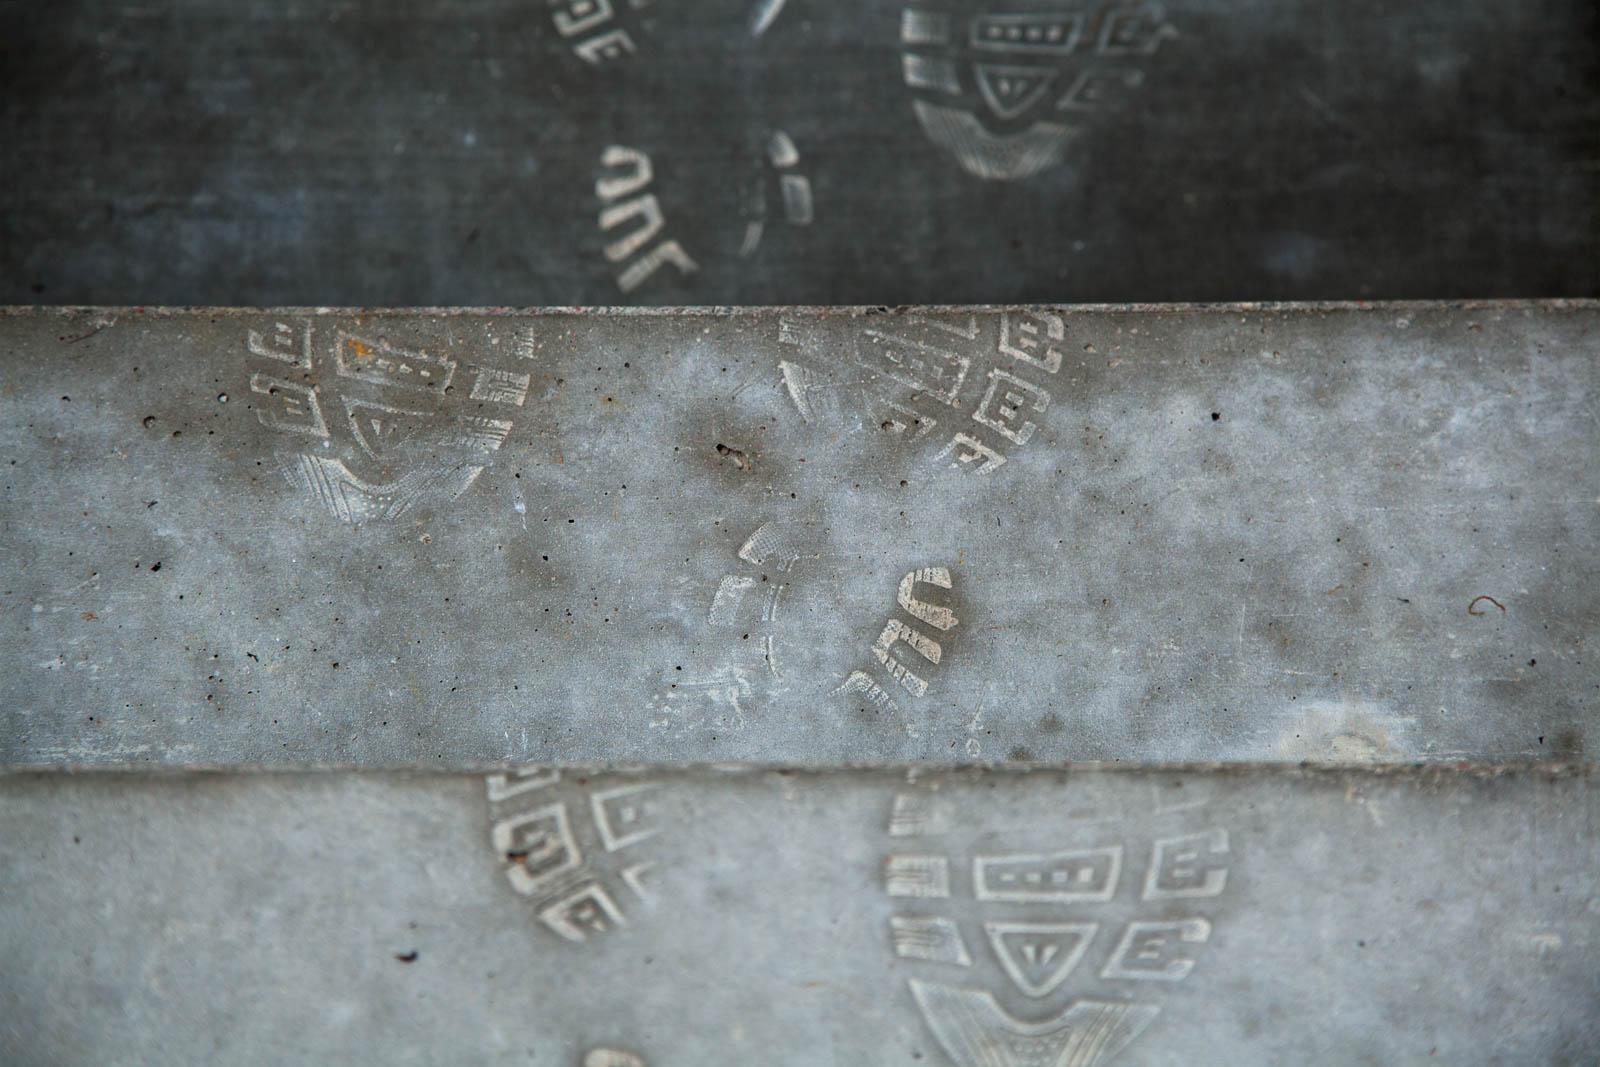 Fotavtryck i cementen på trappsteget. Johan Thurfjell, Egen ingång, 2014